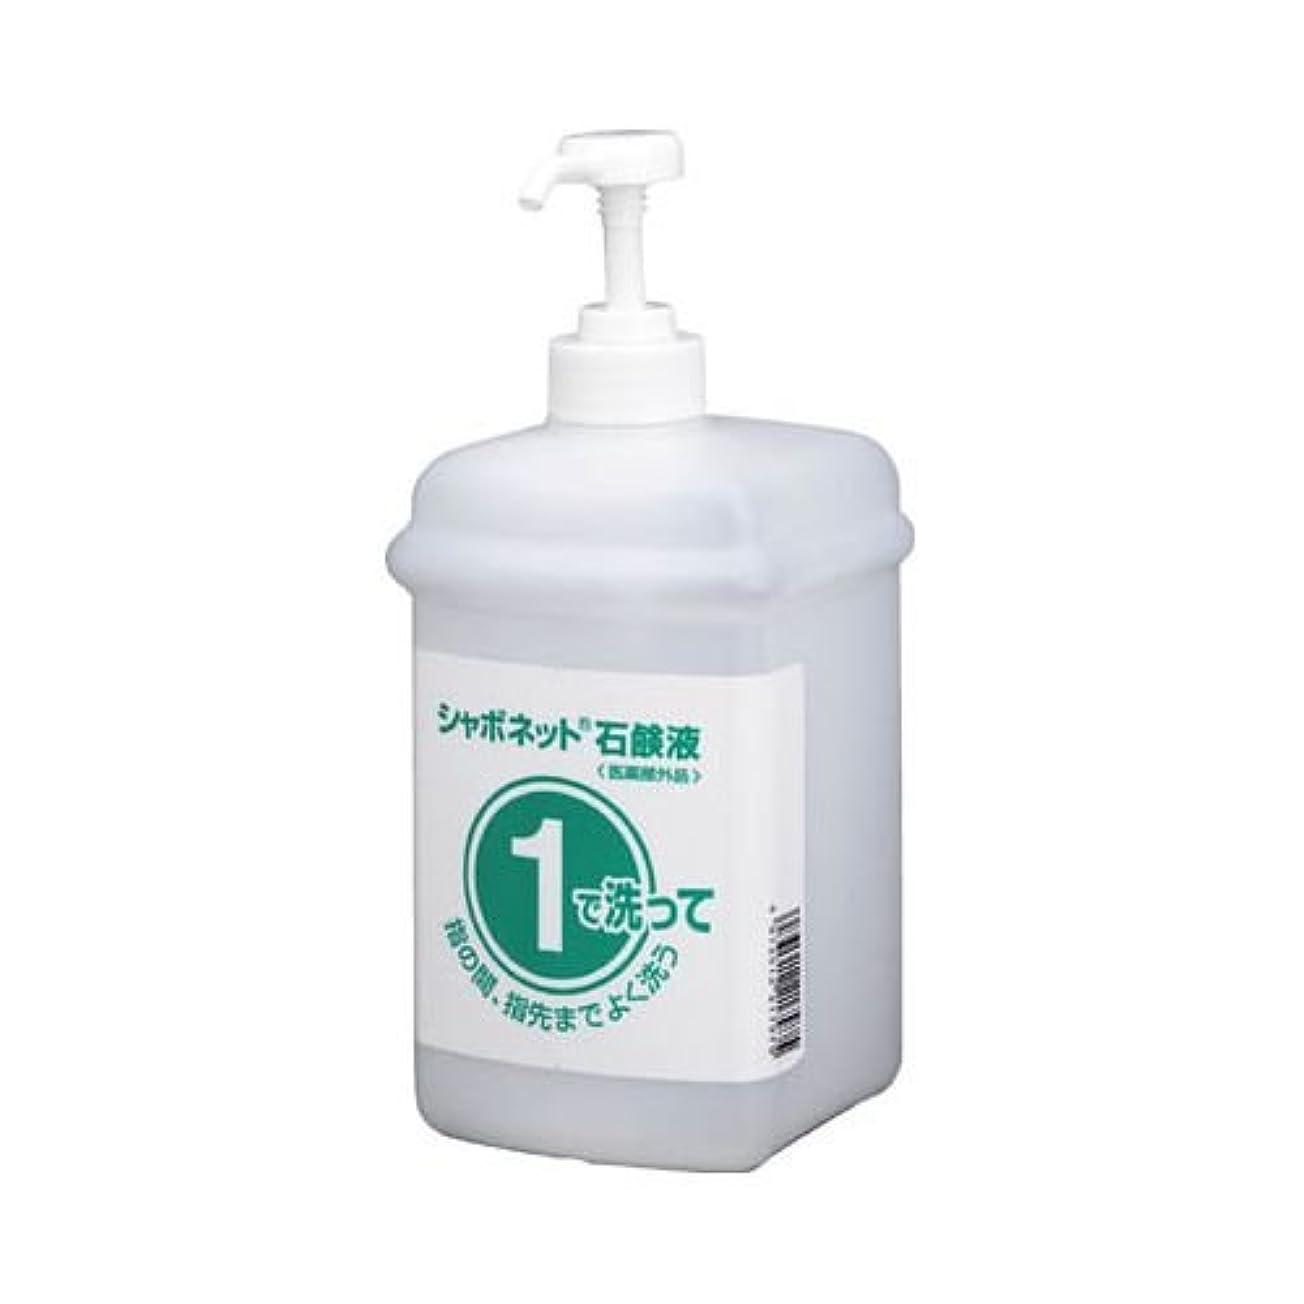 器具セールスマン出力サラヤ 石鹸容器 1?2セットボトル 石鹸液用1L 21793